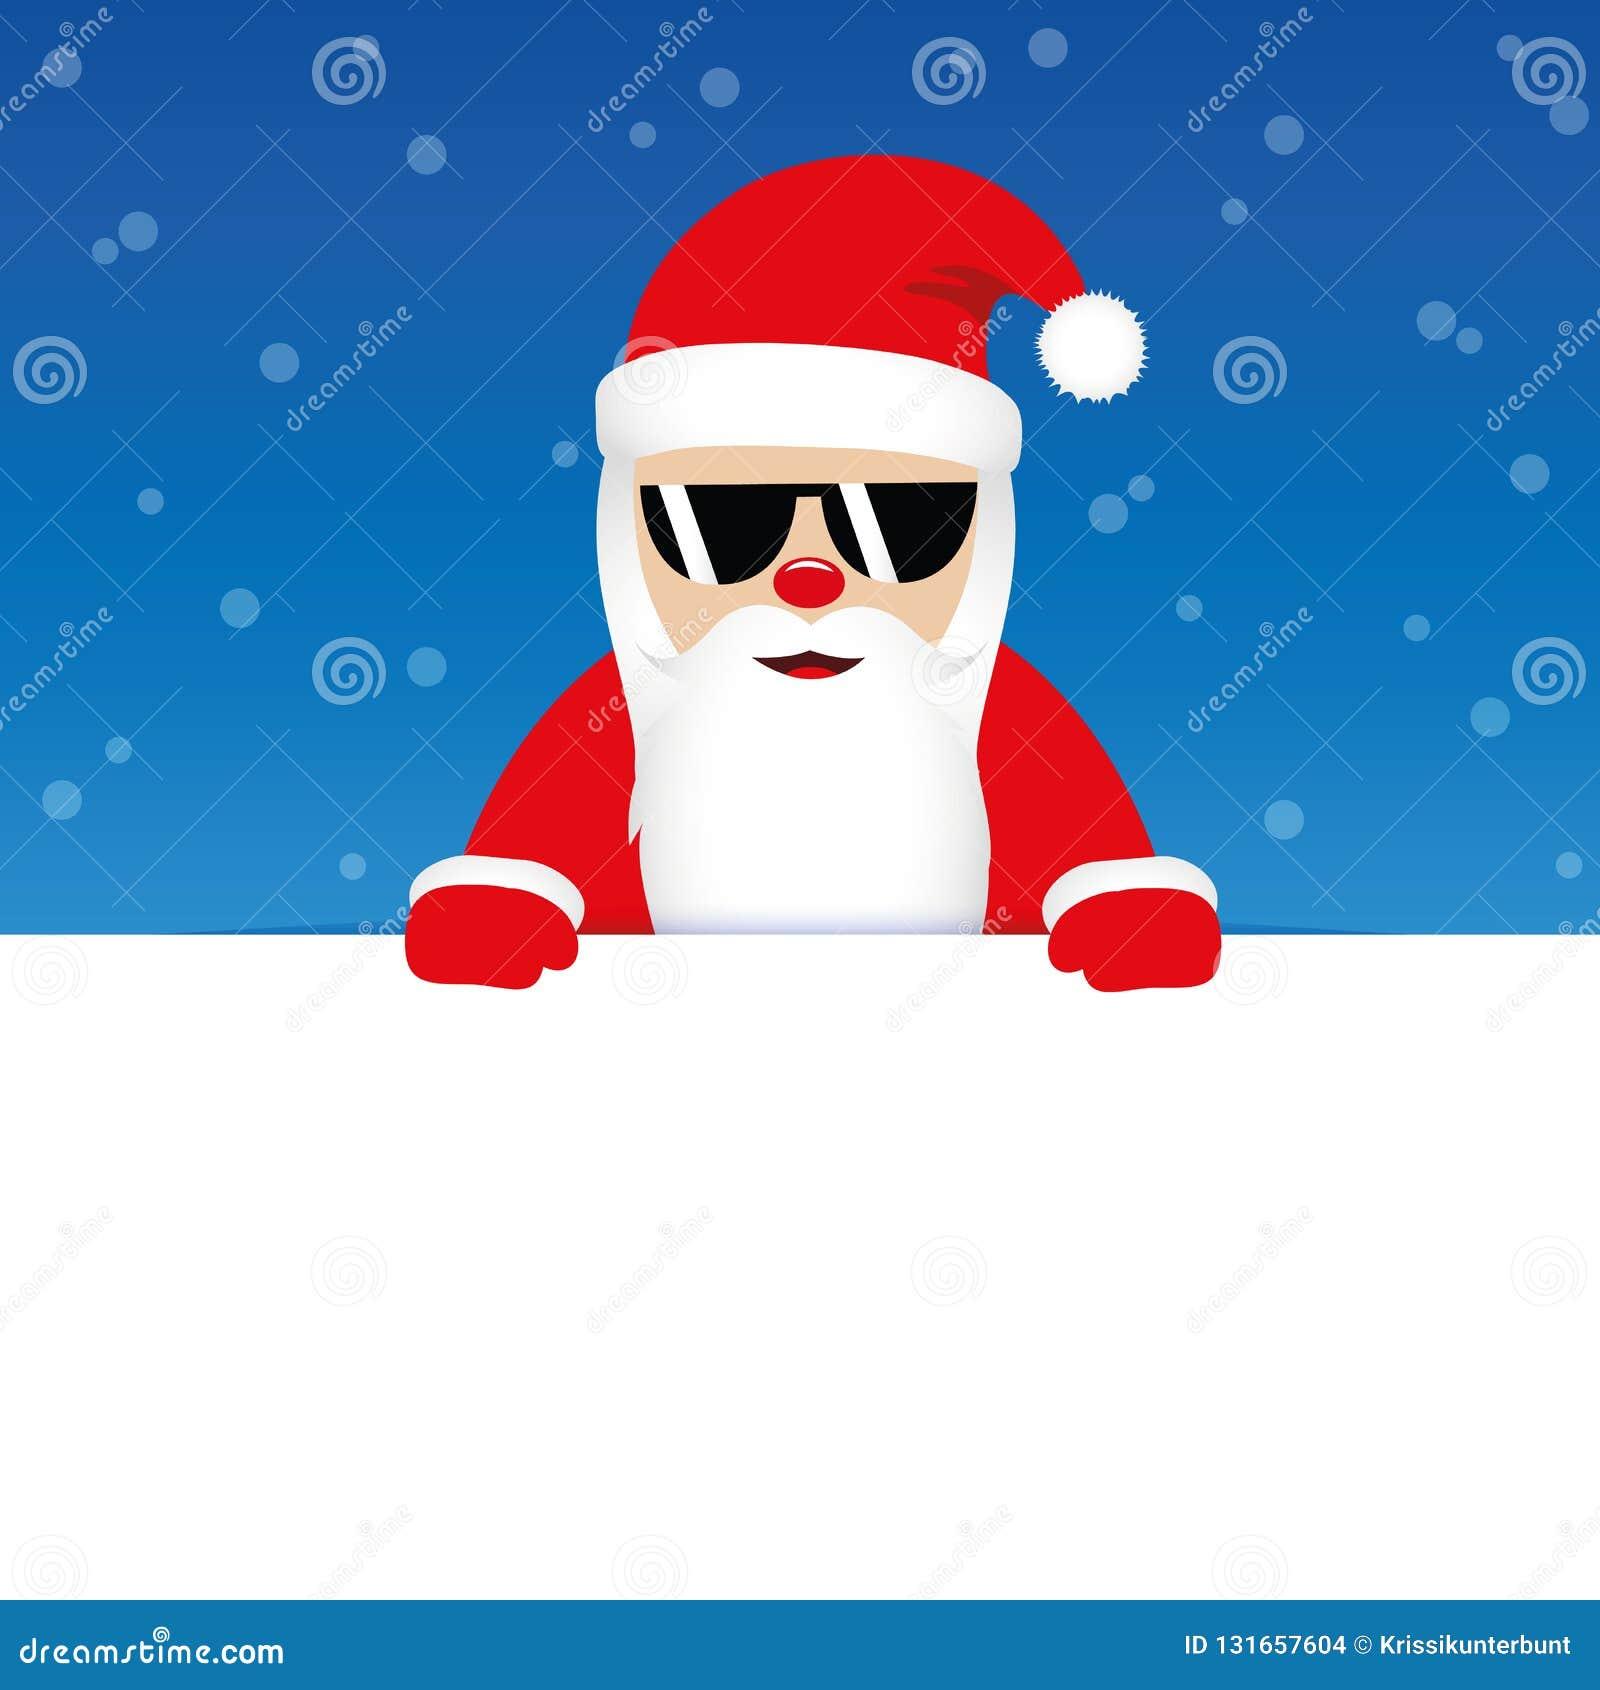 Glücklicher netter Weihnachtsmann mit Sonnenbrille auf blauem schneebedecktem Hintergrund